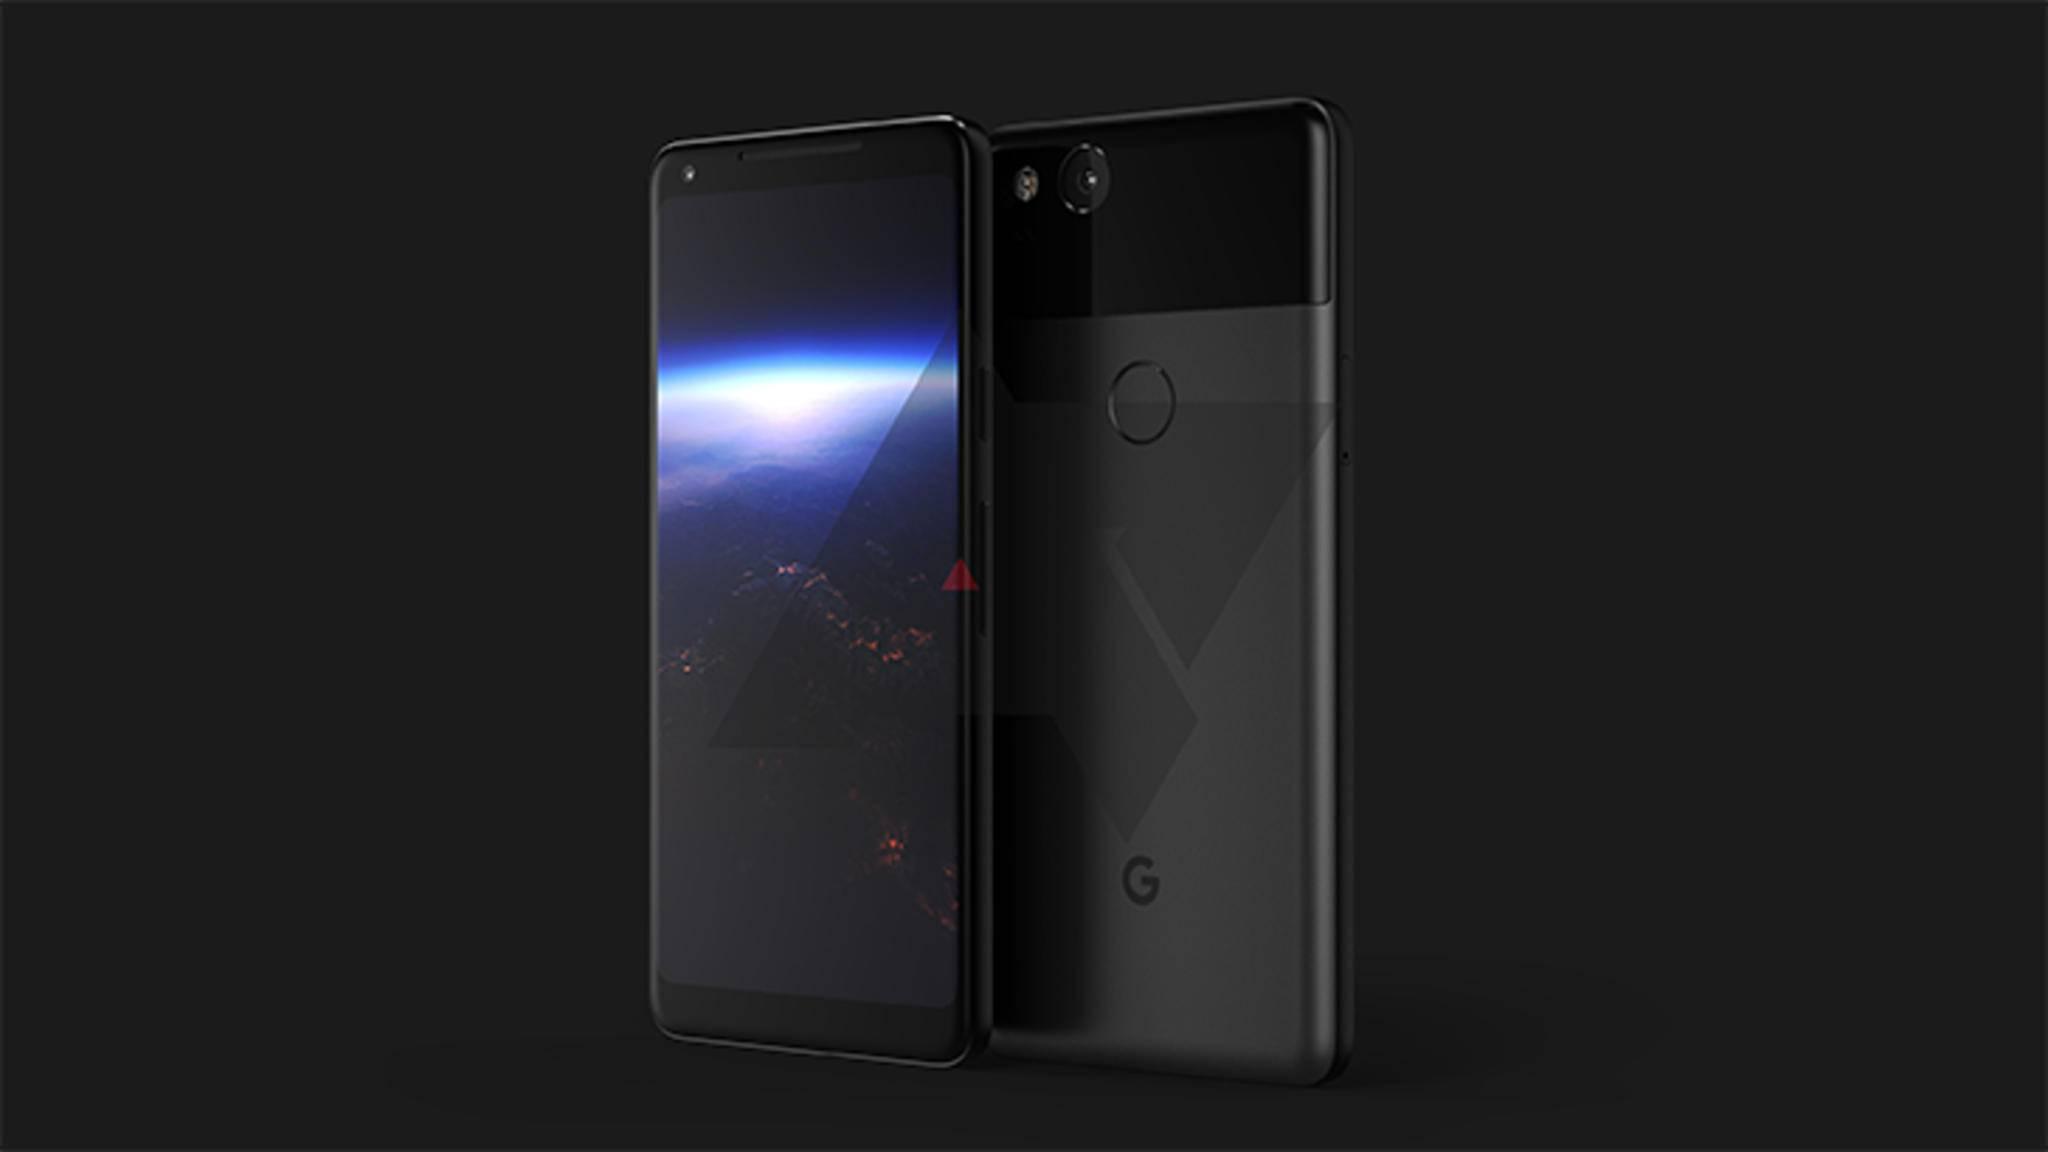 Das Google Pixel 2 XL soll von LG kommen, das Pixel 2 weiterhin von HTC.